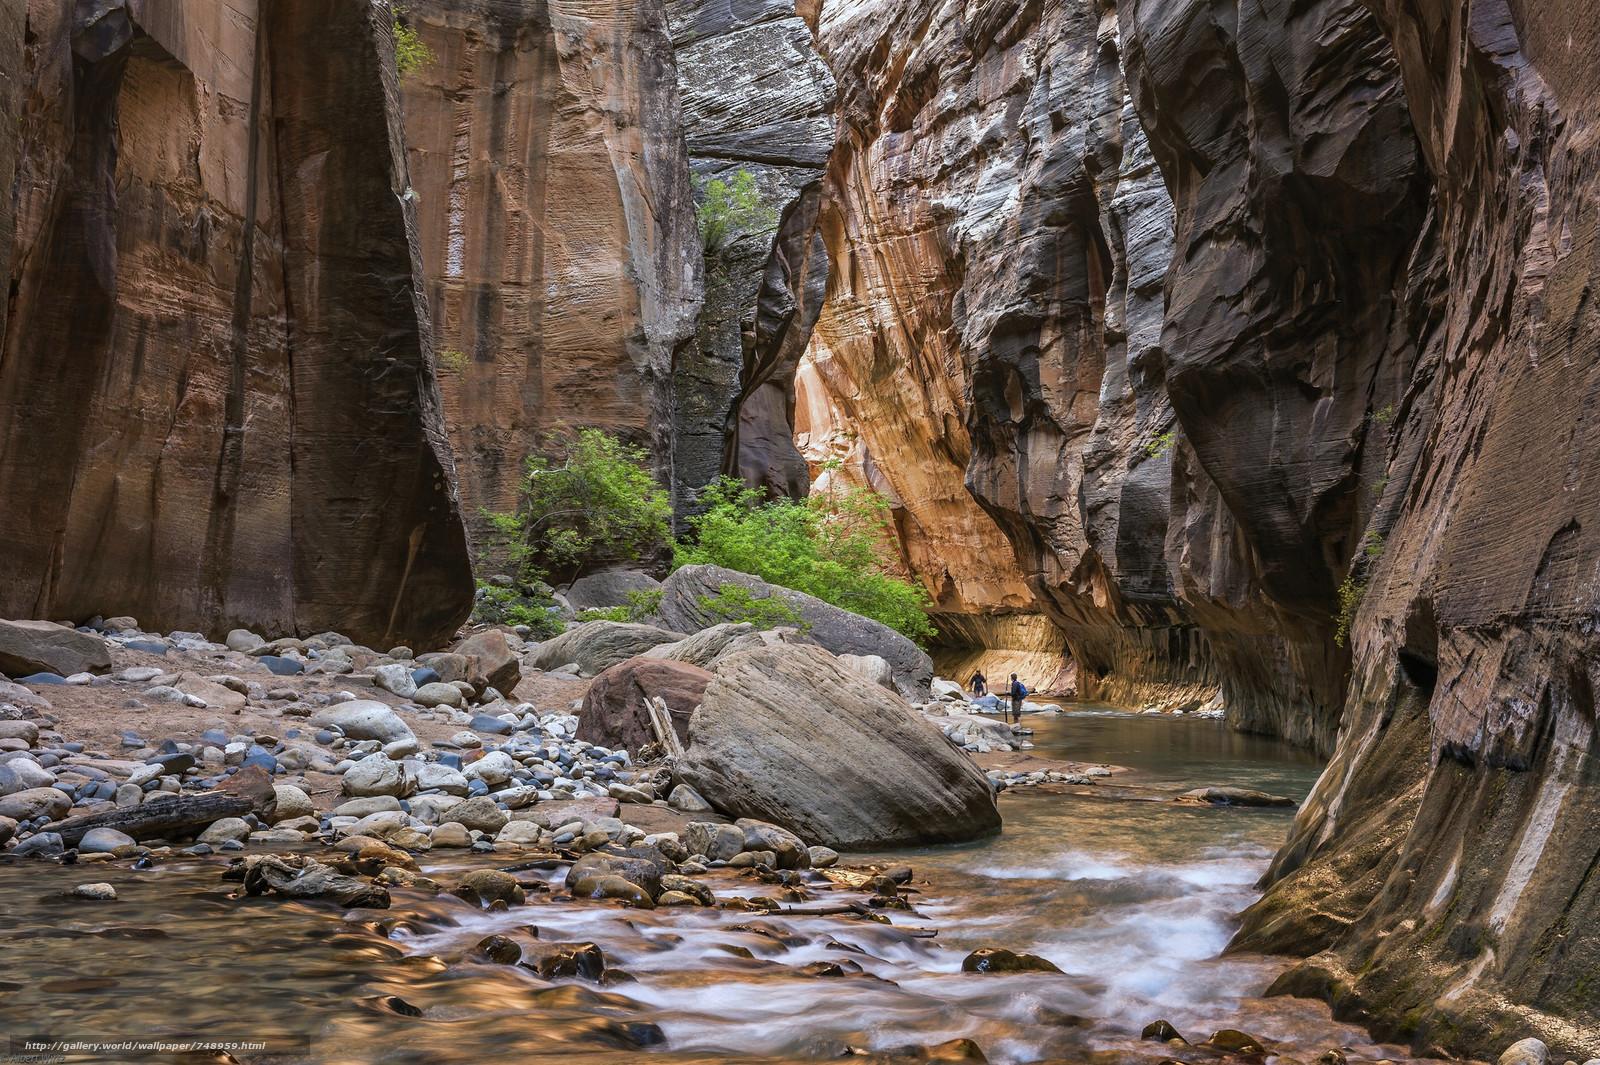 Virgin River, Zion National Park, the mountains, rock, River, landscape